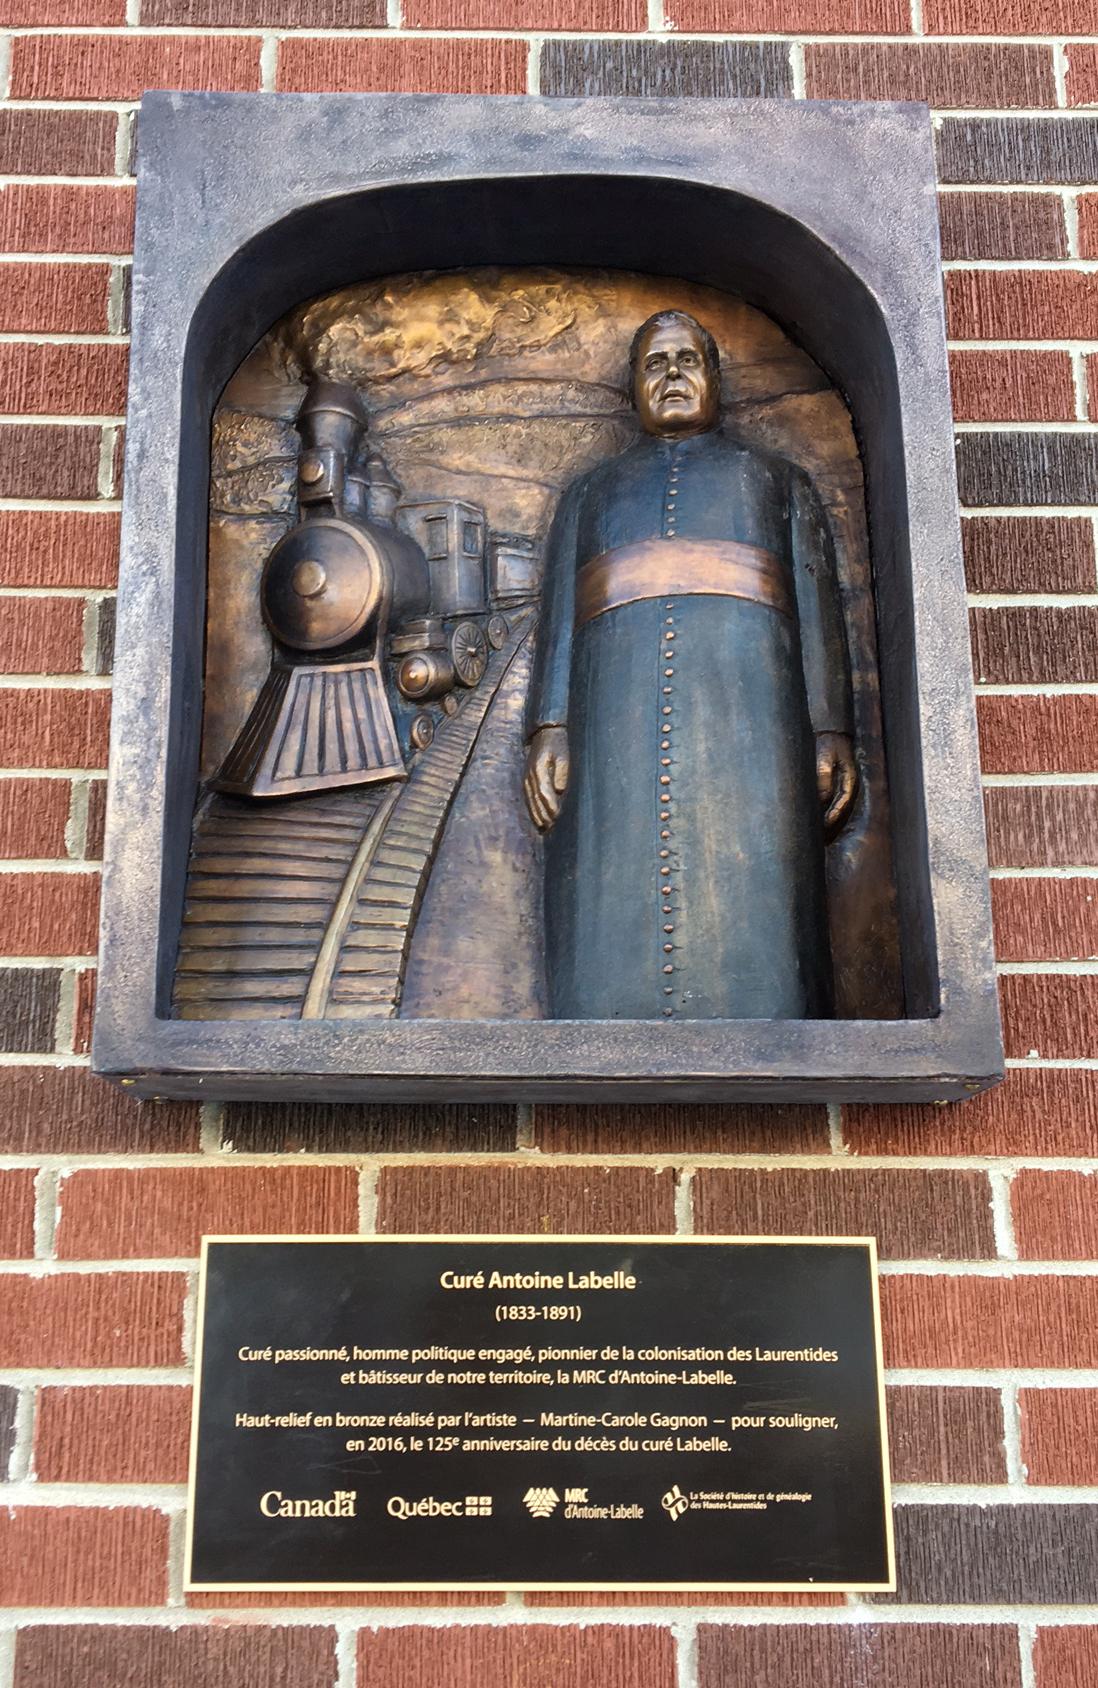 Haut-relief représentant une sculpture du curé Labelle. Dans la partie gauche, une locomotive de face et une voie ferrée et à droite, le curé Labelle debout.